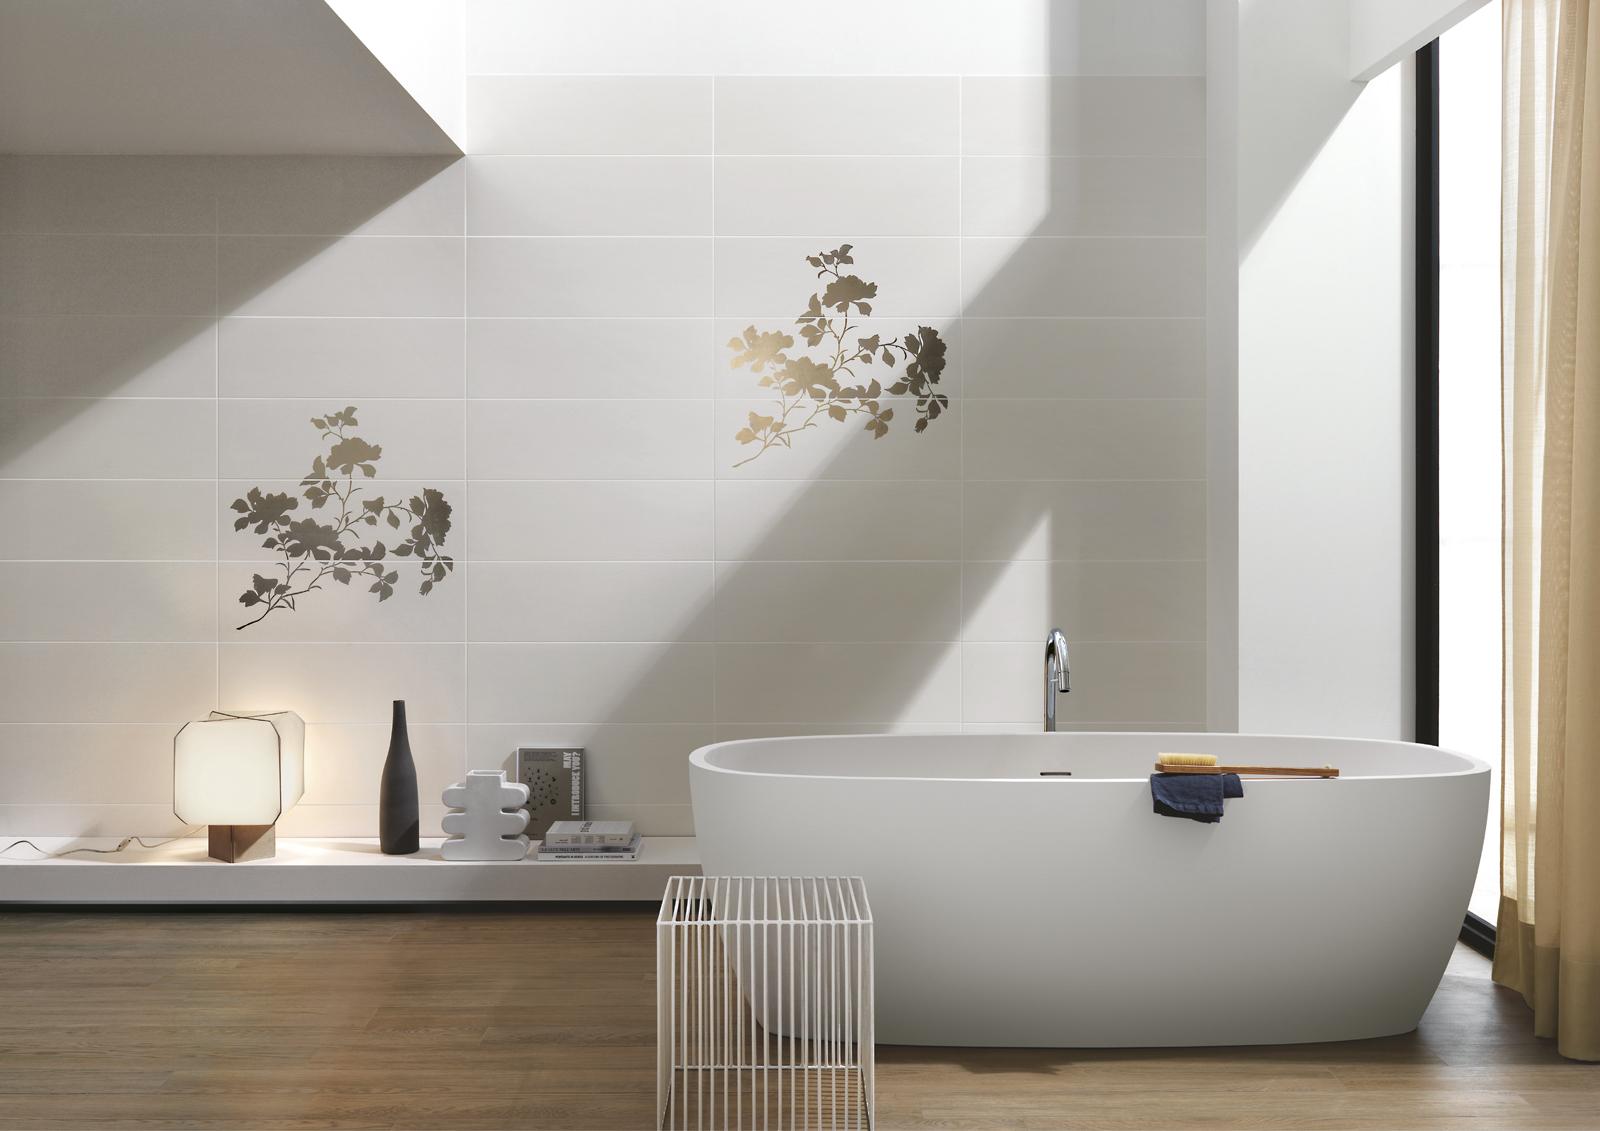 Piastrelle bagno azulejos. beautiful piastrelle adesive per parete